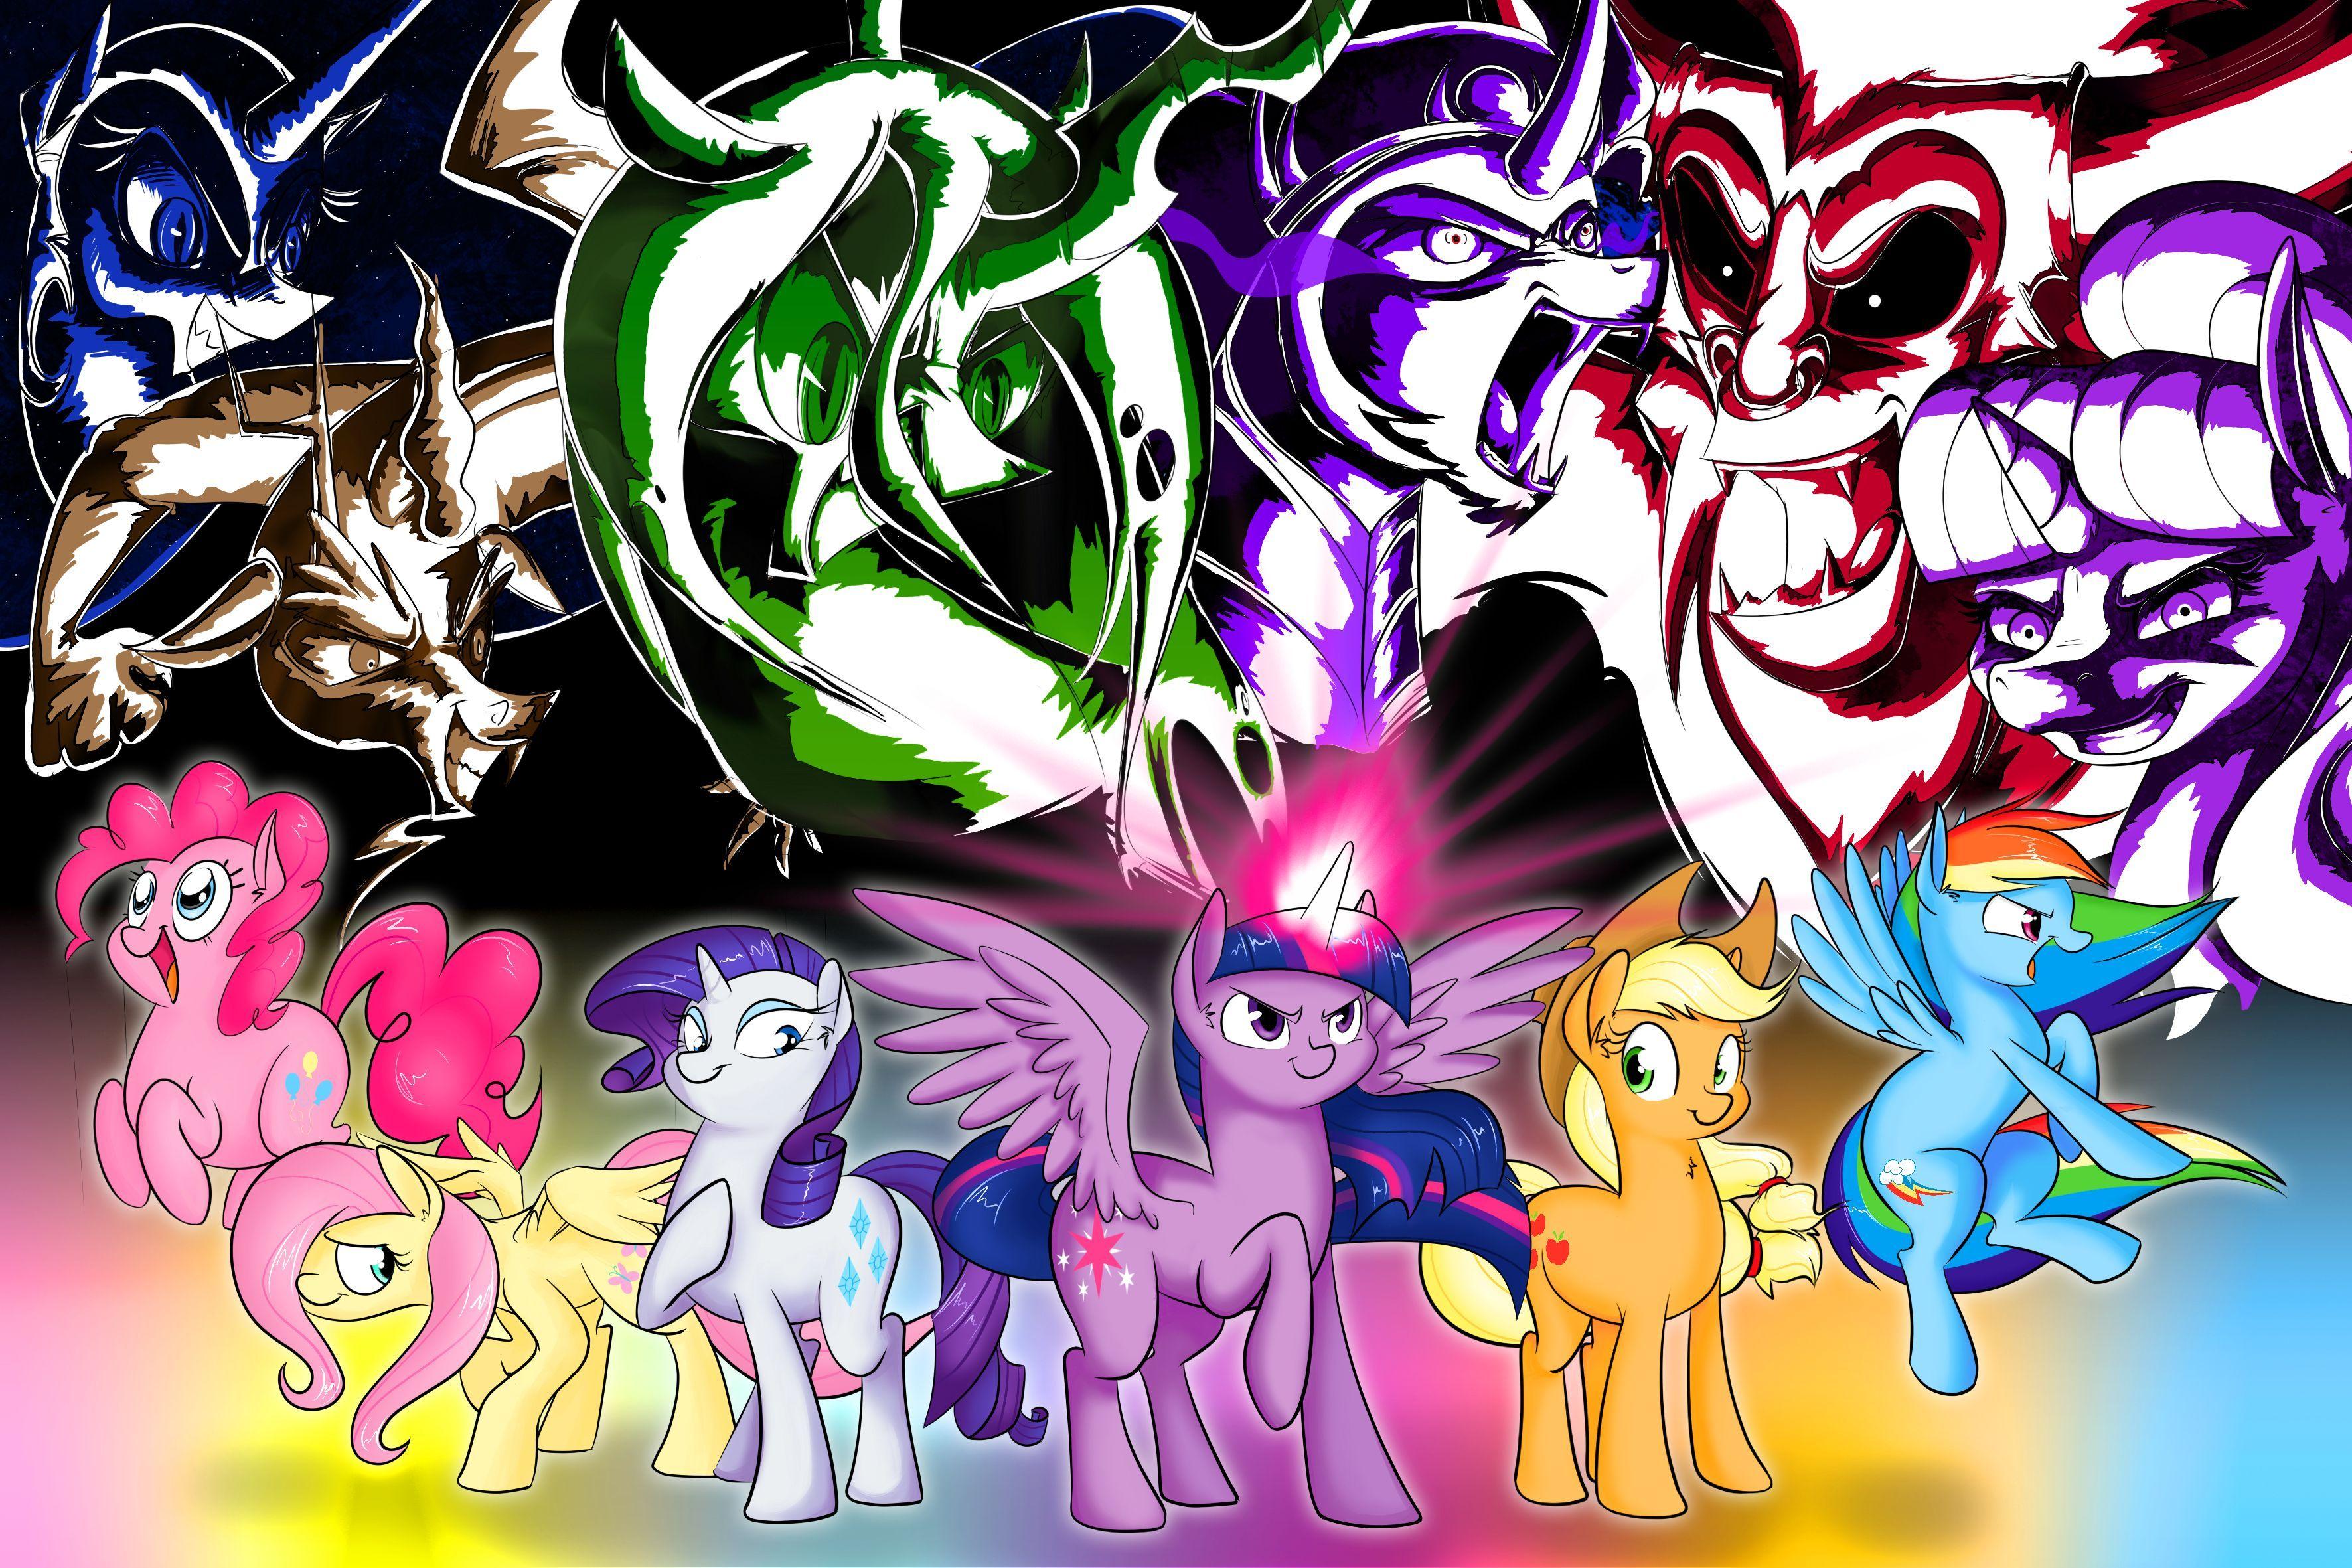 7668 - ¿Qué tanto sabes de My Little Pony Friendship is Magic? (Nivel Medio-Alto)